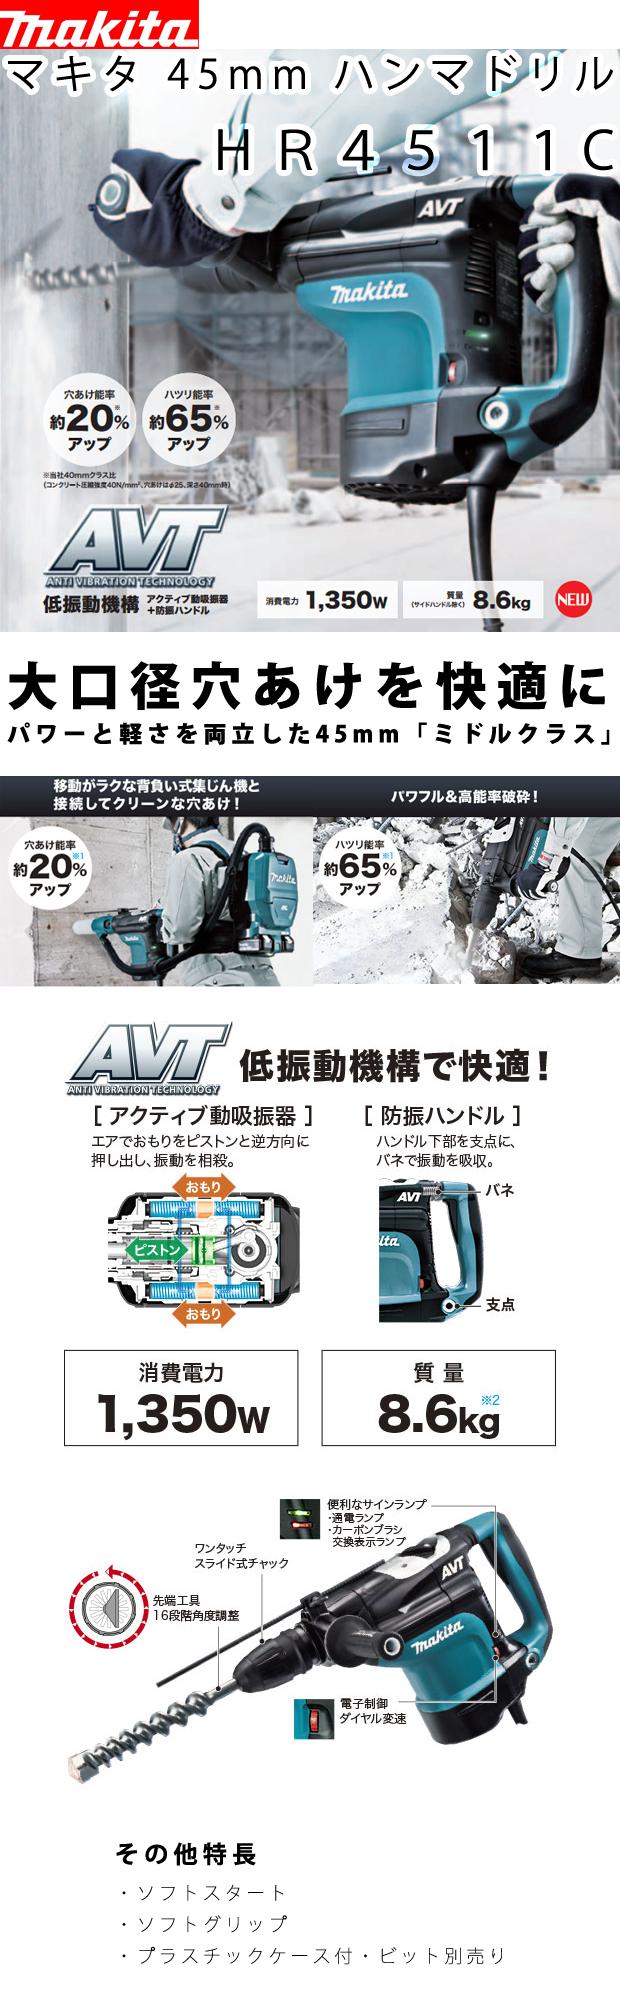 マキタ 45mmハンマドリル HR4511C